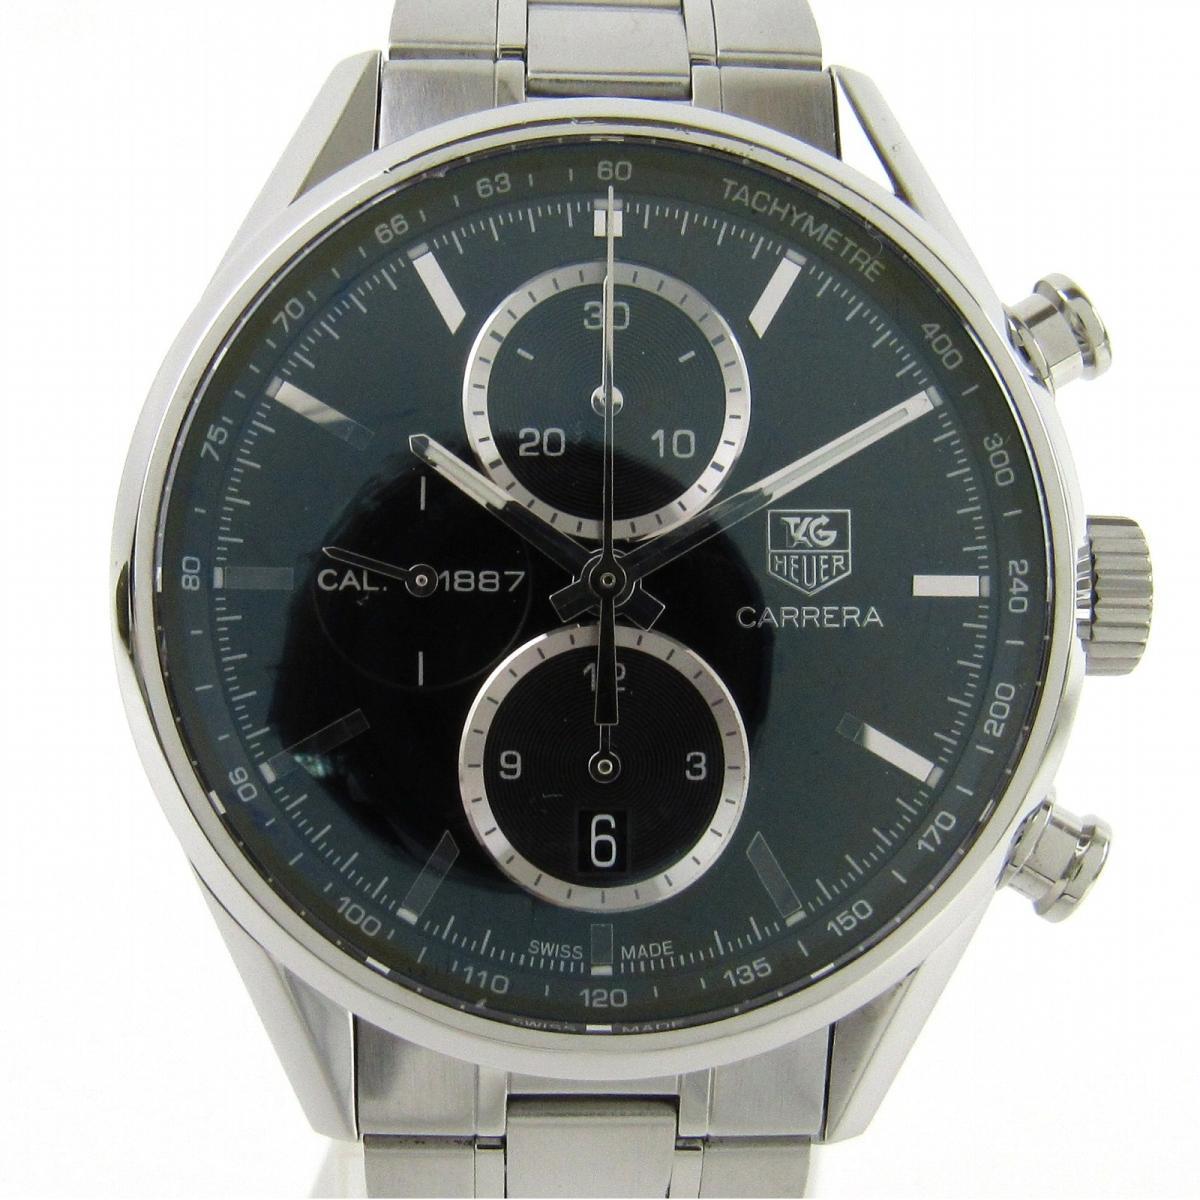 【中古】 タグ・ホイヤー カレラ クロノグラフ 1887 ウォッチ 腕時計 メンズ ステンレススチール (SS) (CAR2110-4) | TAG HEUER BRANDOFF ブランドオフ ブランド ブランド時計 ブランド腕時計 時計